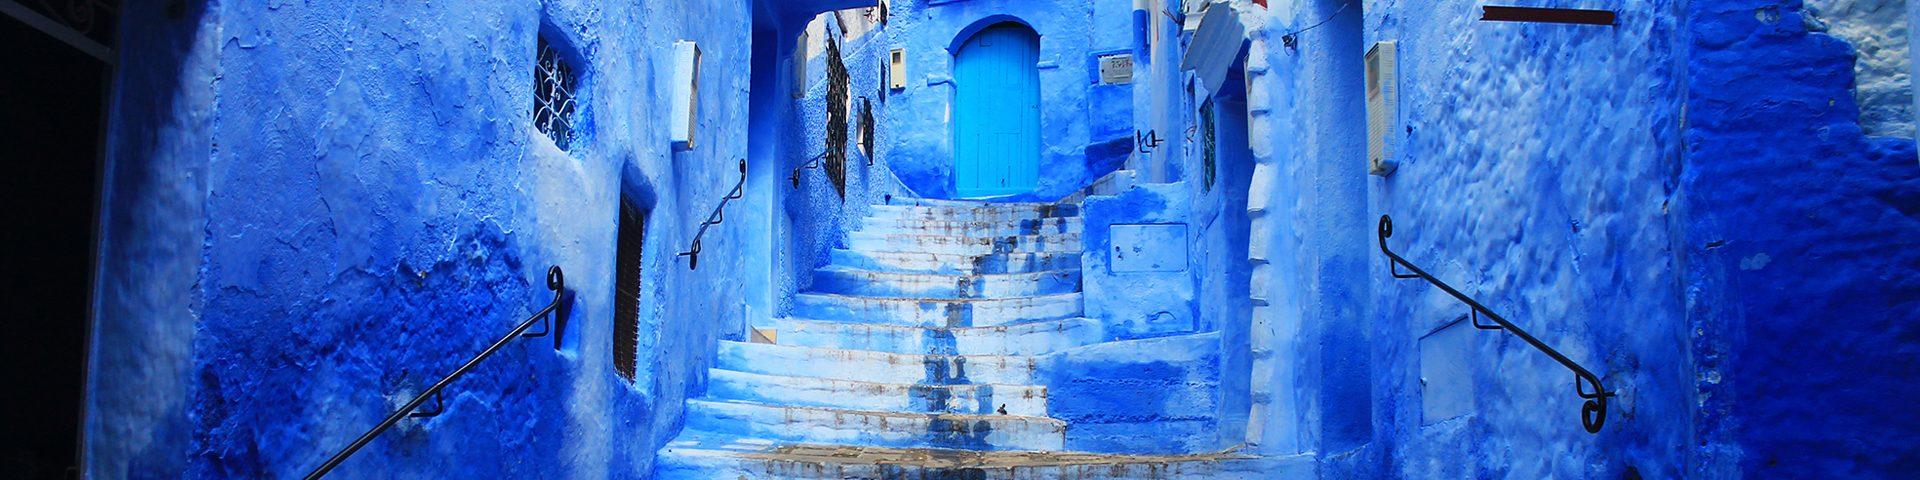 Шефшауен, Мароко / Chefchaouen, Morocco